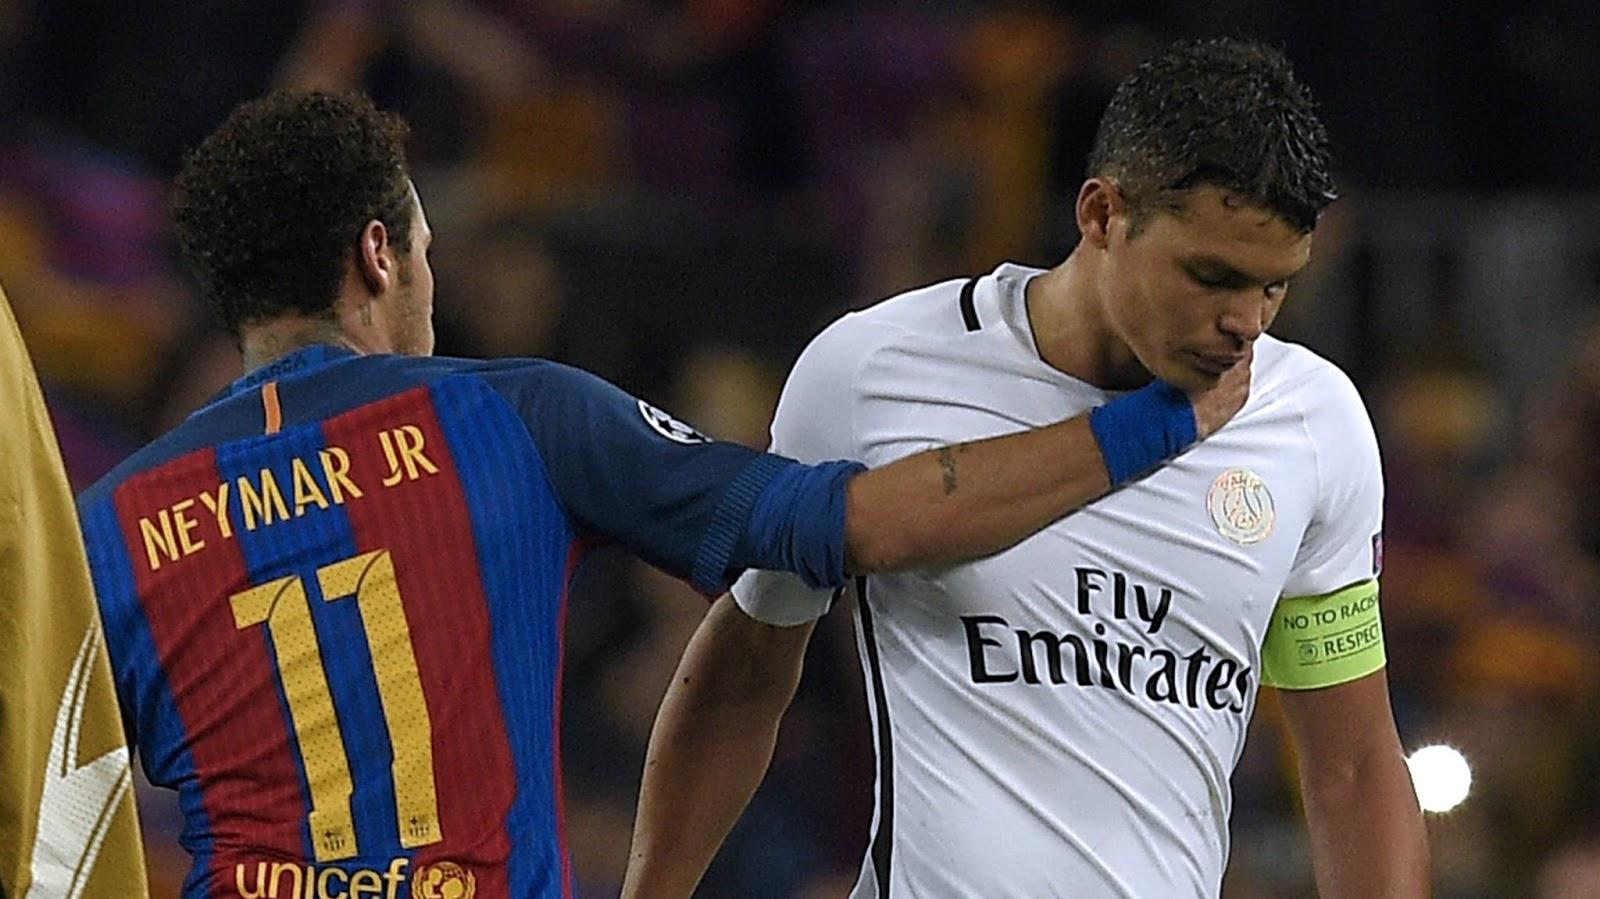 Neymar-222-trieu-euro-se-co-man-so-tai-voi-Ronaldo-2